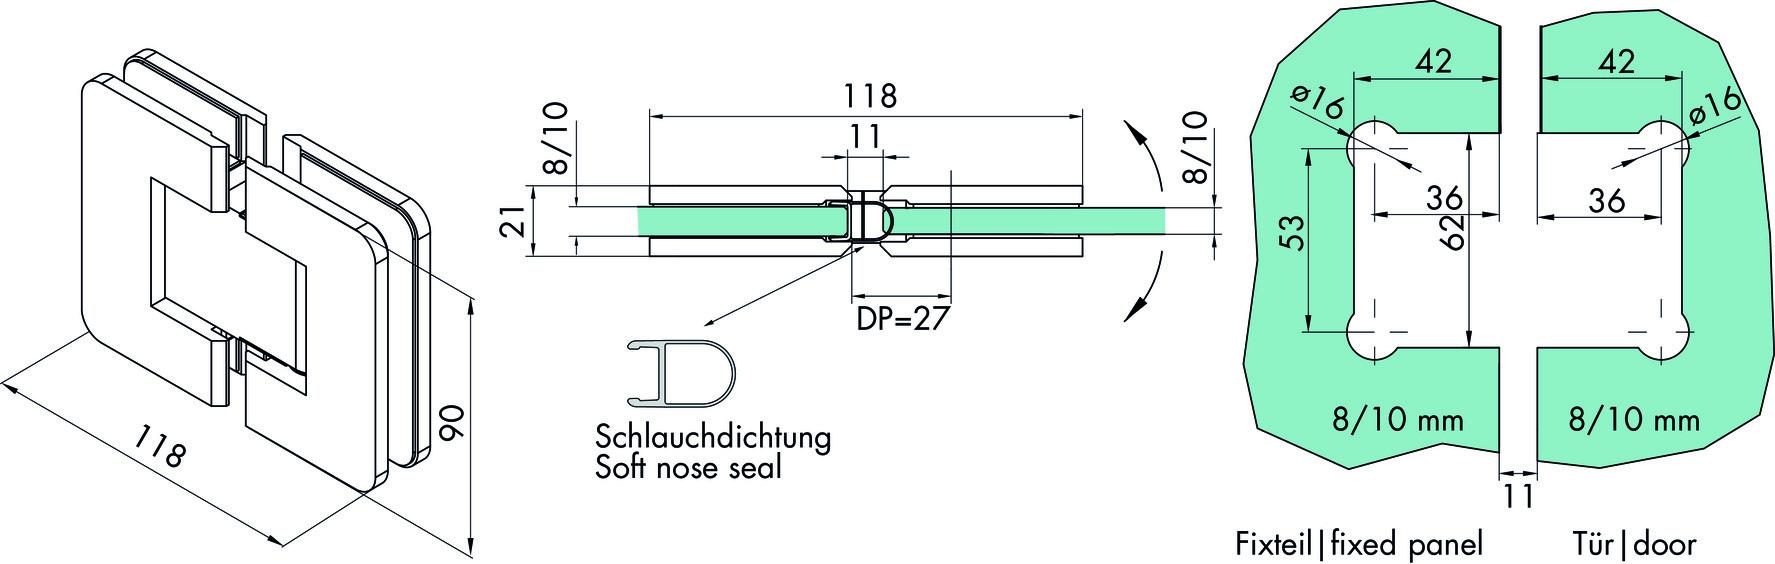 Duschpendeltürbänder GRAL S 2004